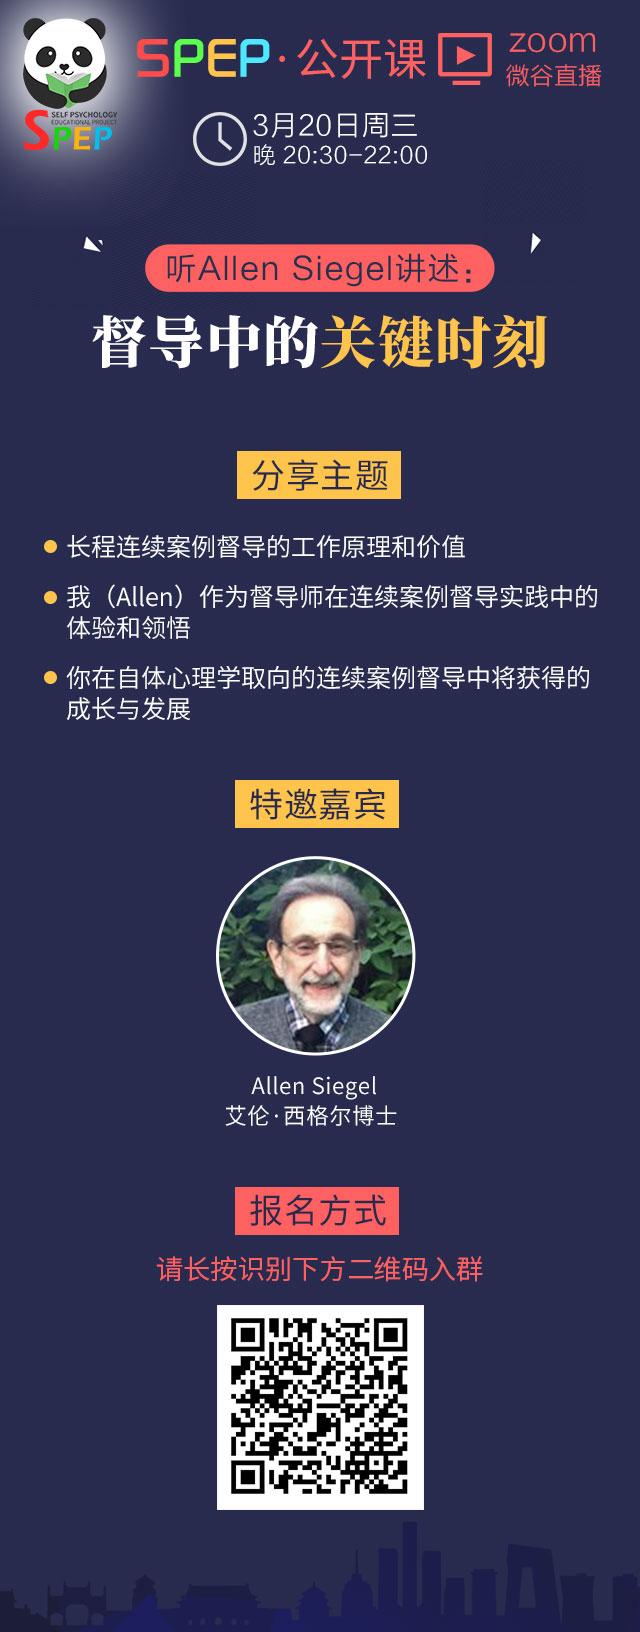 视频直播|SPEP公开课-听Allen Siegel 讲述:督导中的关键时刻